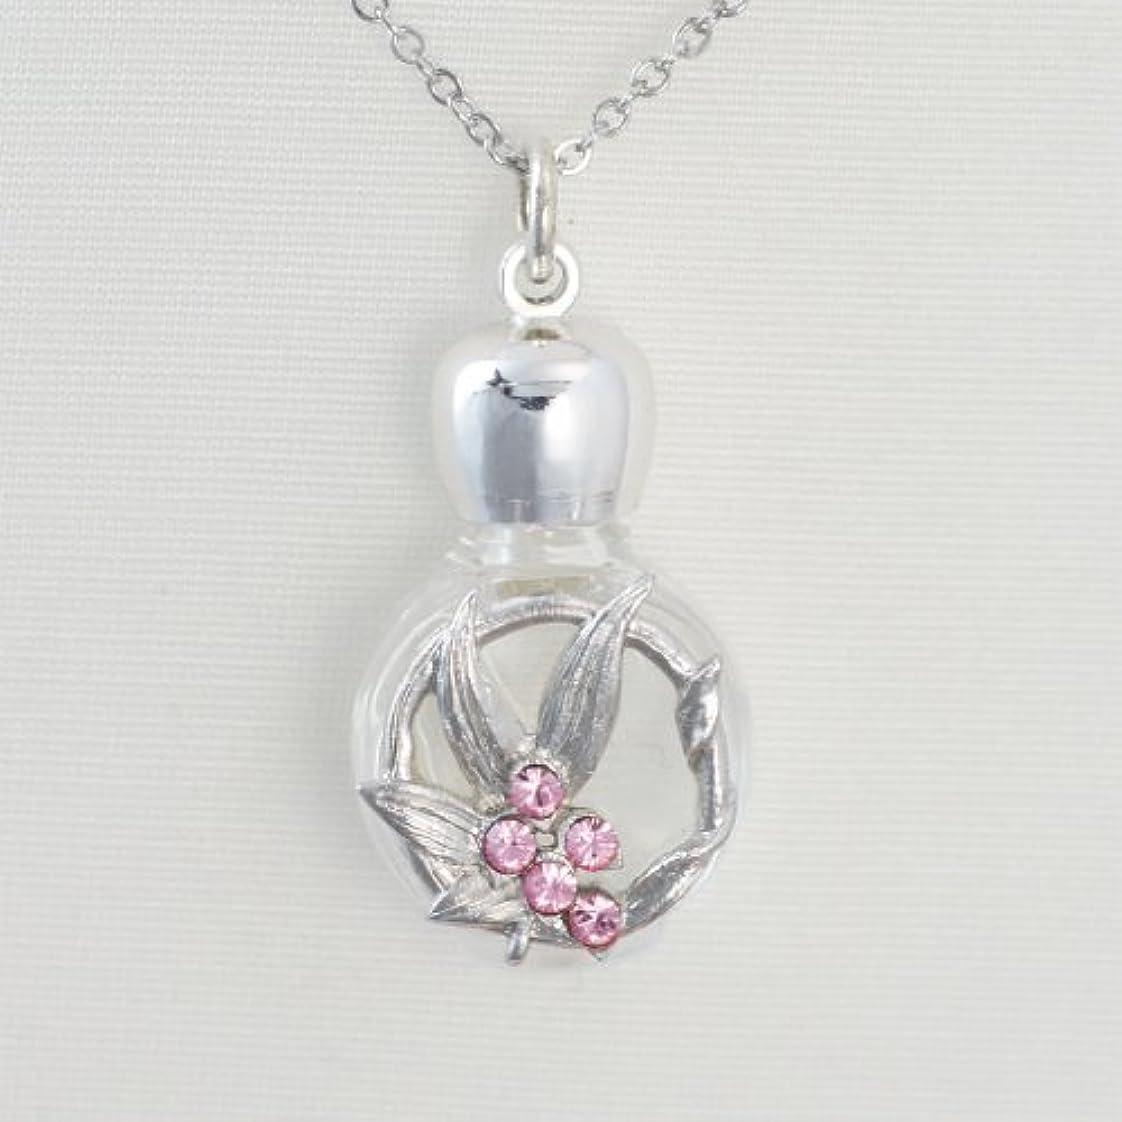 【天使の小瓶】 月桃ピンク